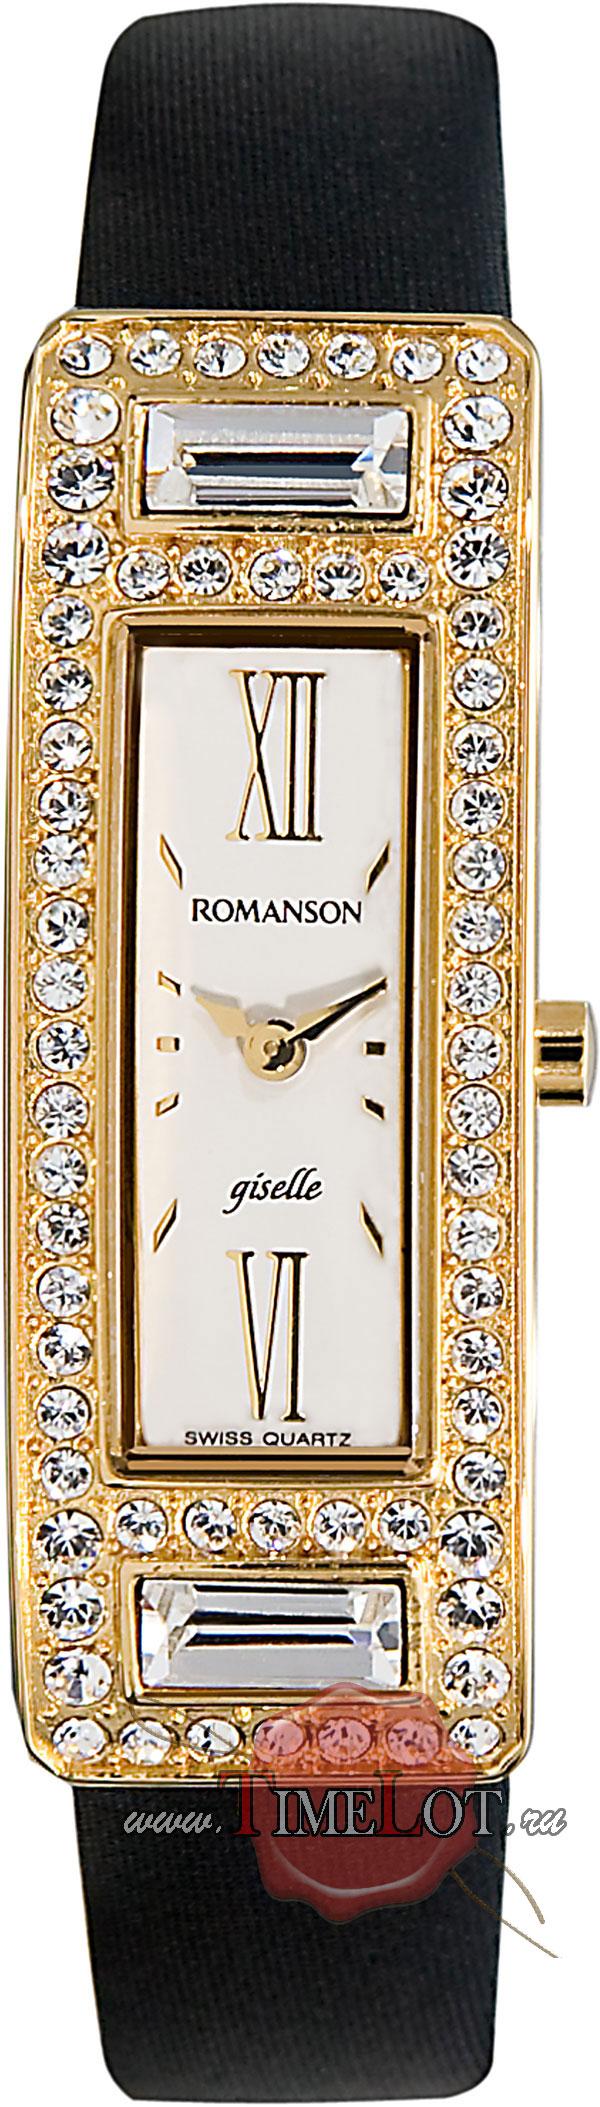 Часы романсон кто производитель 26 фотография